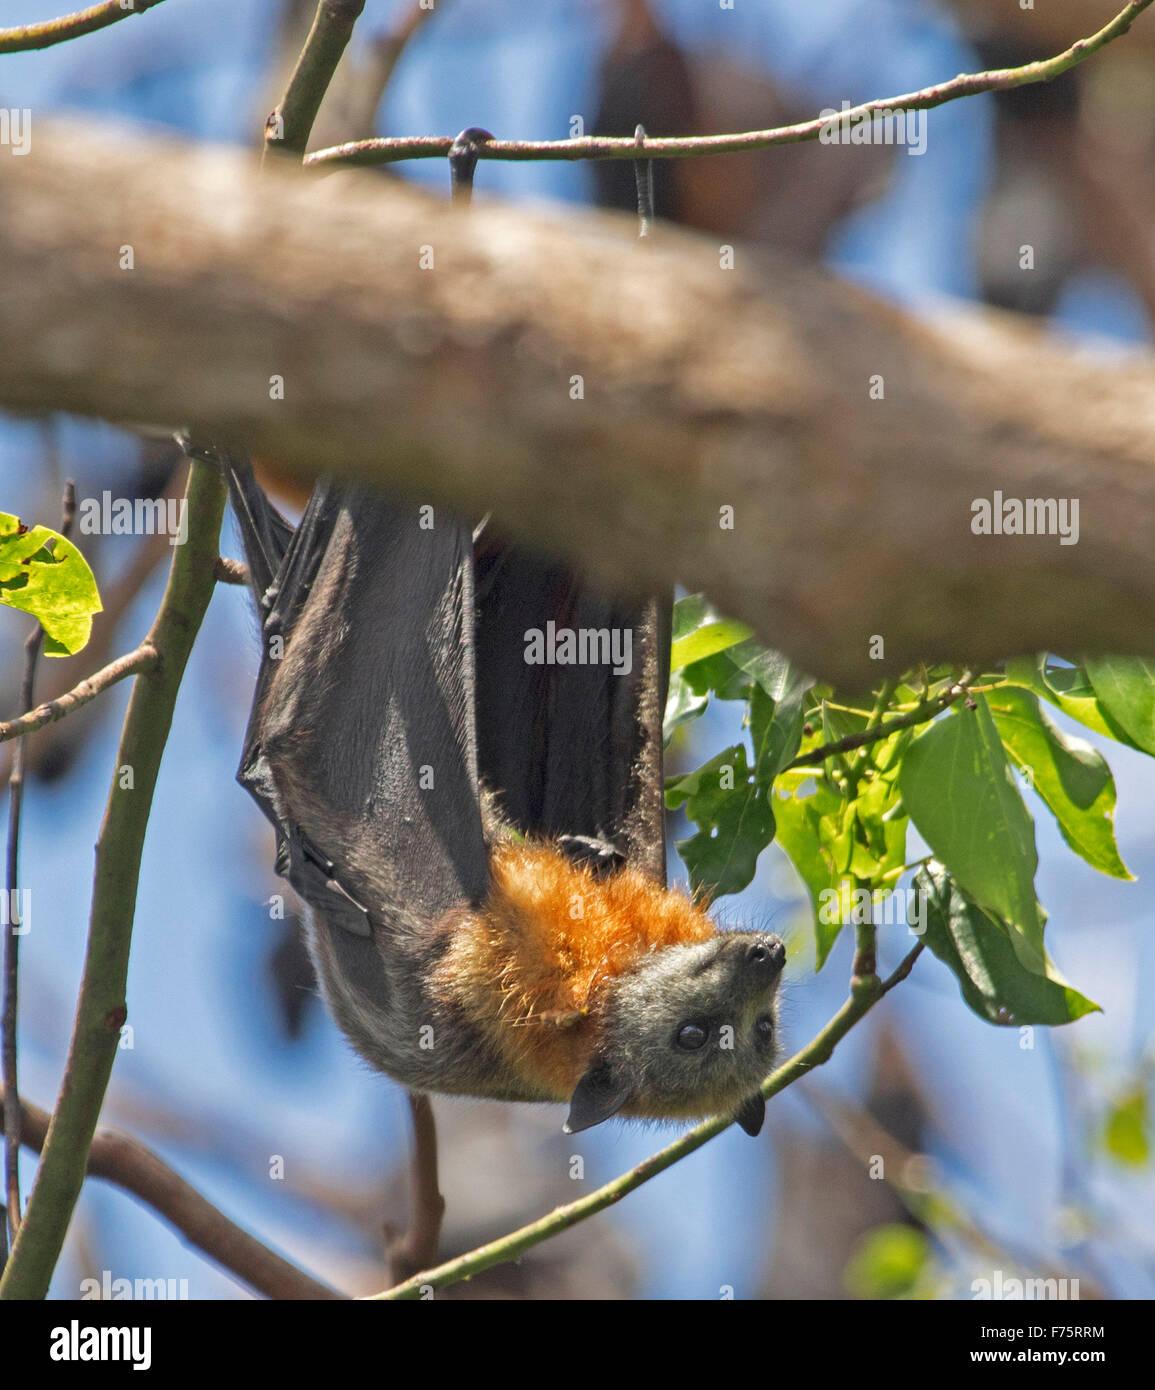 Australian grey-headed fruit bat / flying fox, Pteropus poliocephalus, wings open, hanging in tree against blue Stock Photo